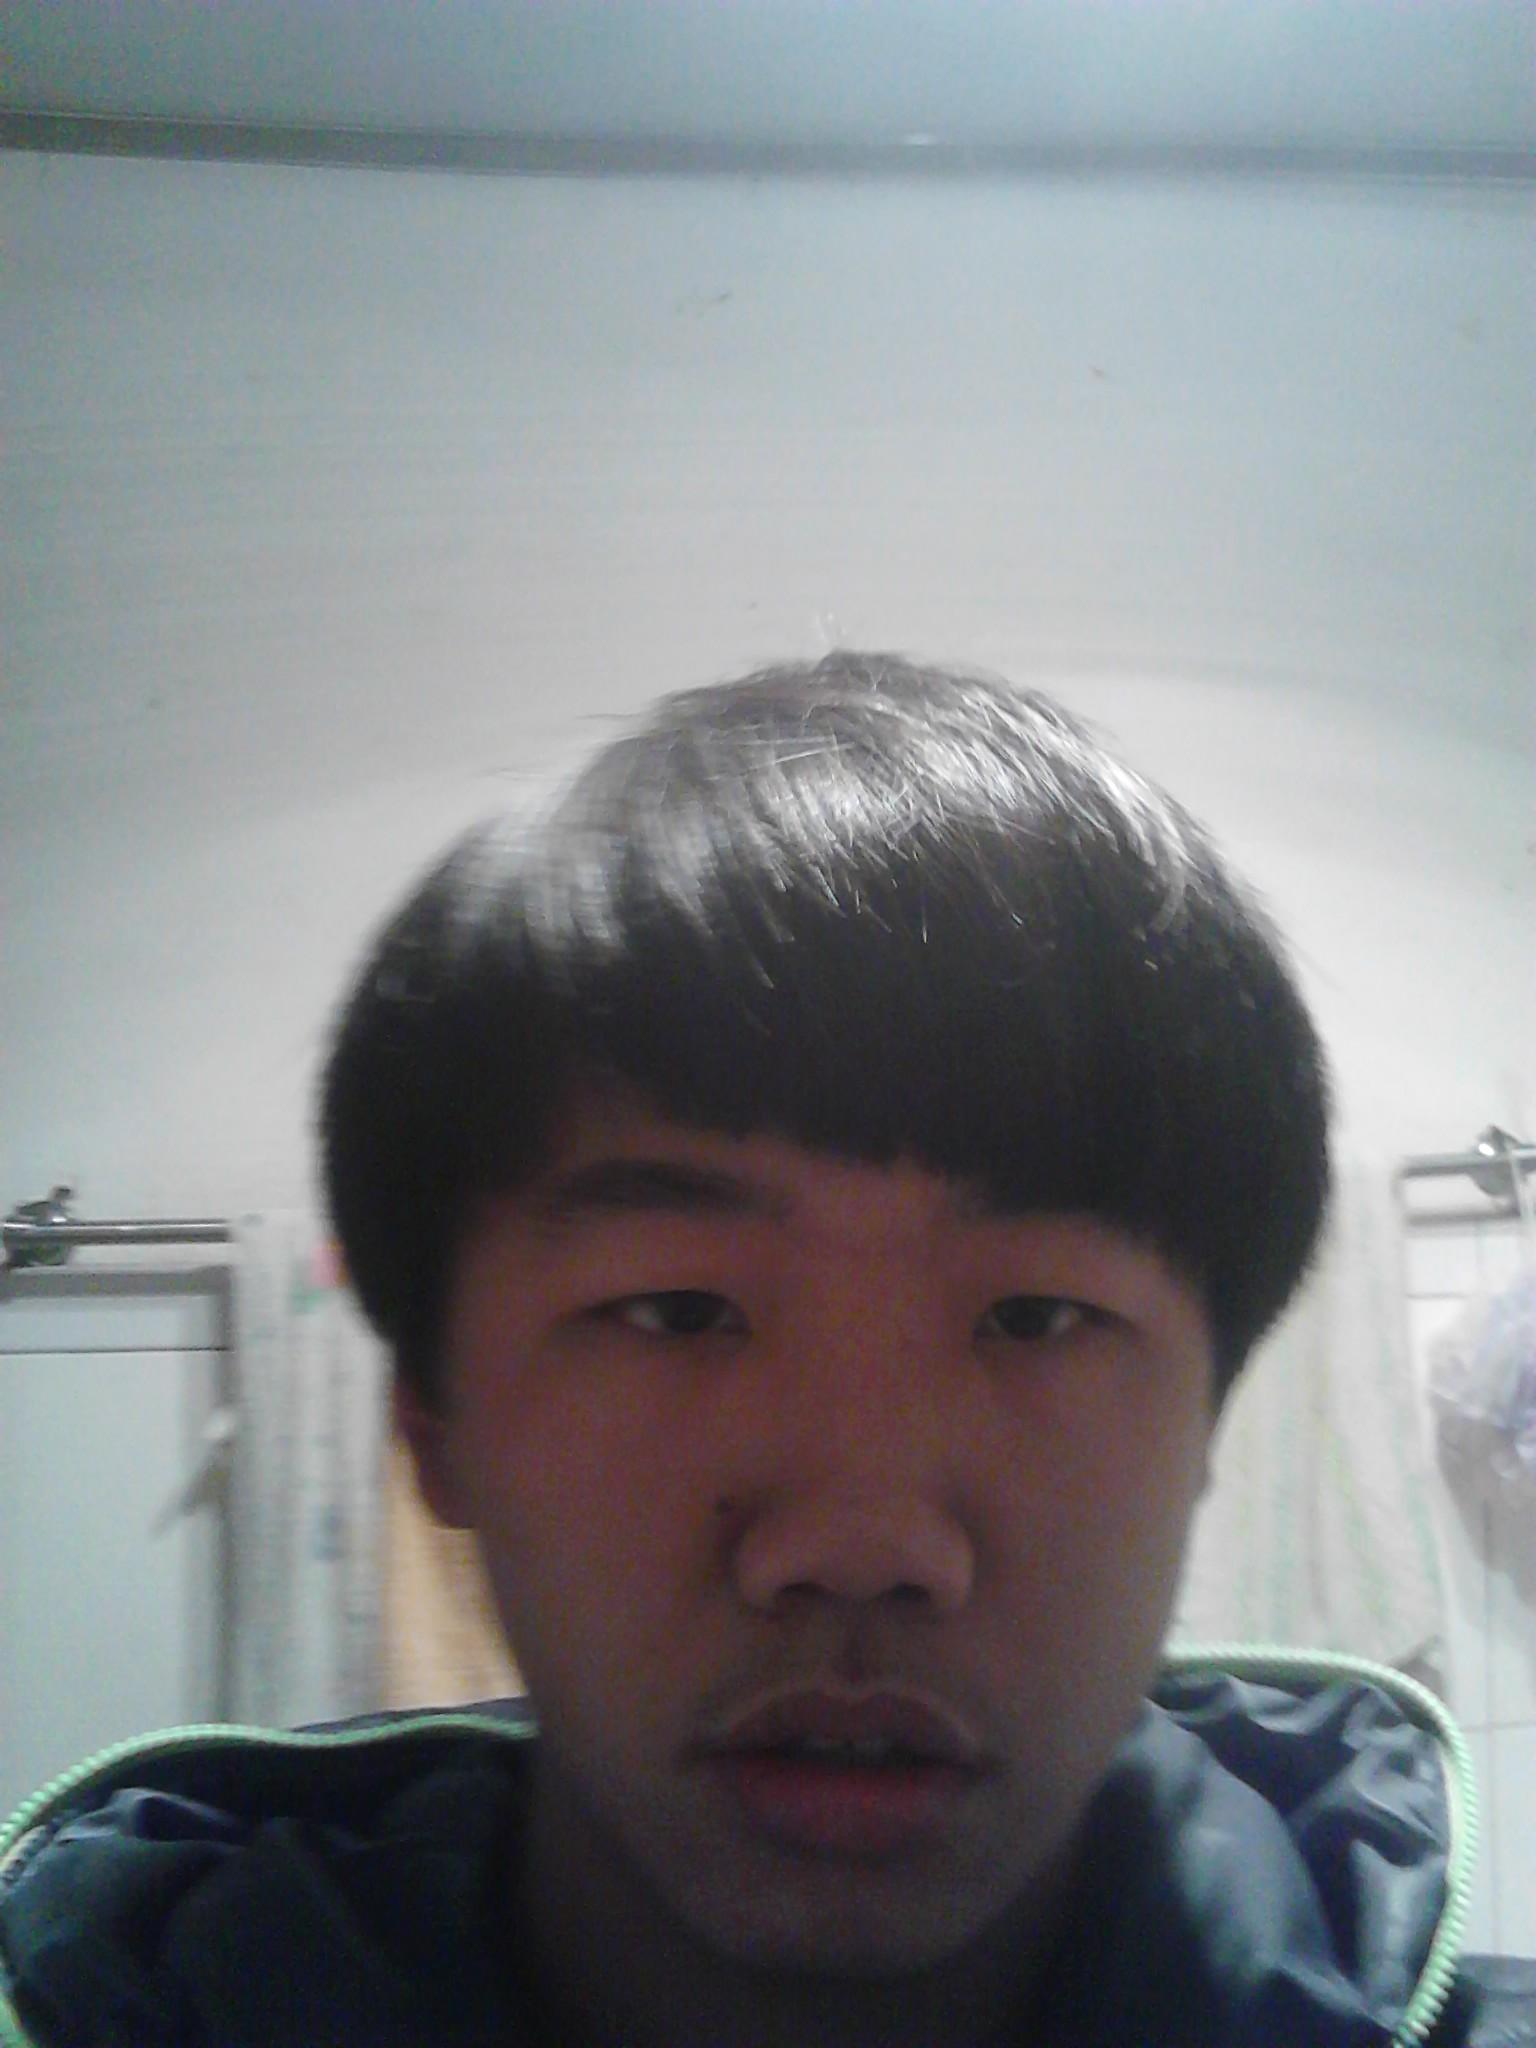 鬓发开始留长了别人都说难看这发型,要过年了我想去把两边都推掉,然后图片